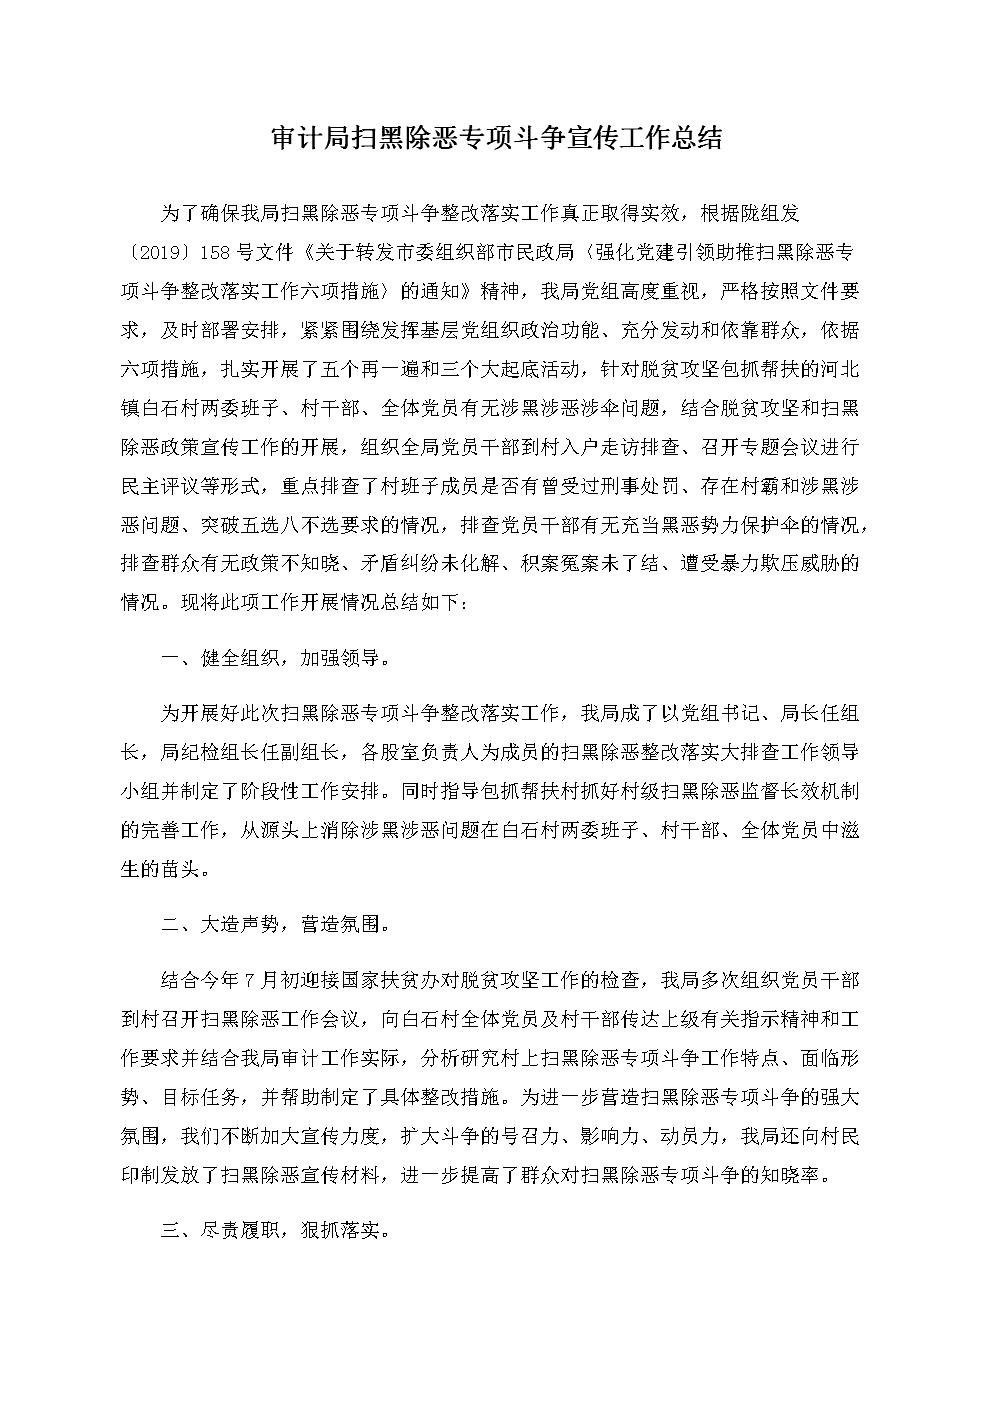 审计局扫黑除恶专项斗争宣传工作总结.docx